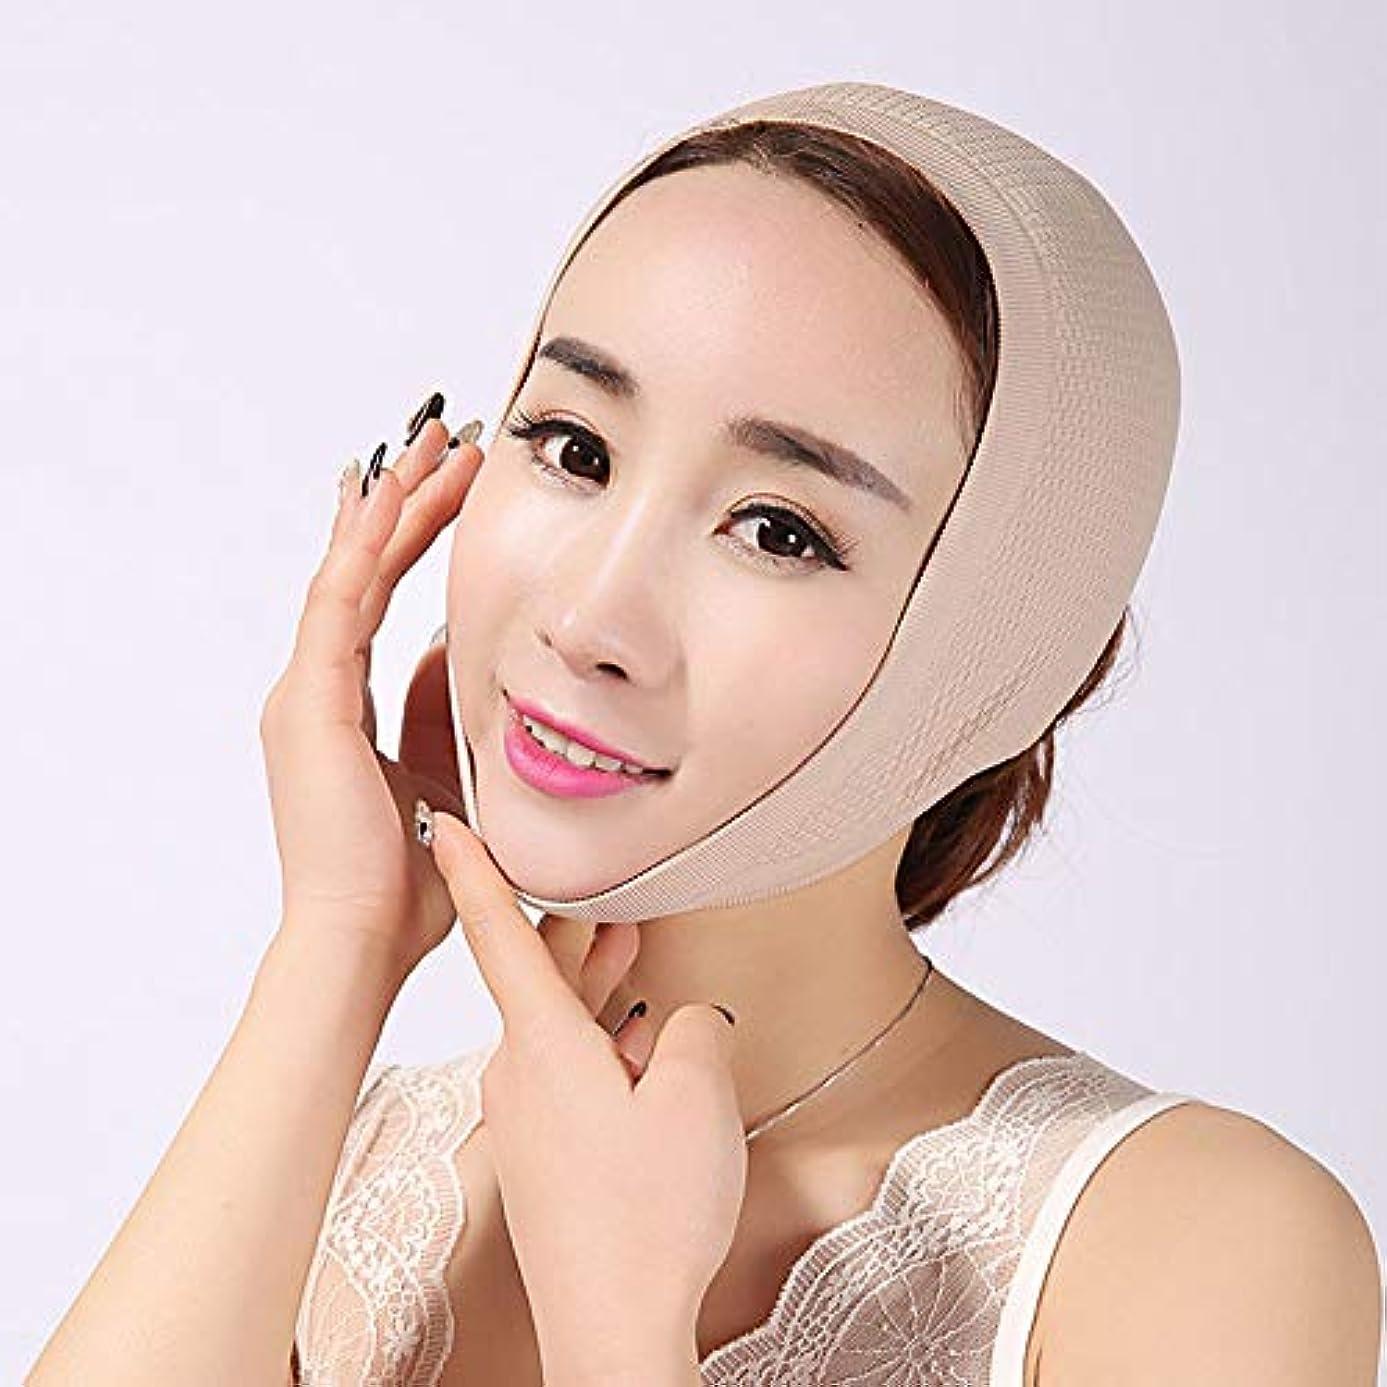 信頼性刺繍共産主義フェイスリフティング包帯、Vフェイス、フェイスマスク、フェイスリフト、引き締め、デクリメント(肌の色合い)